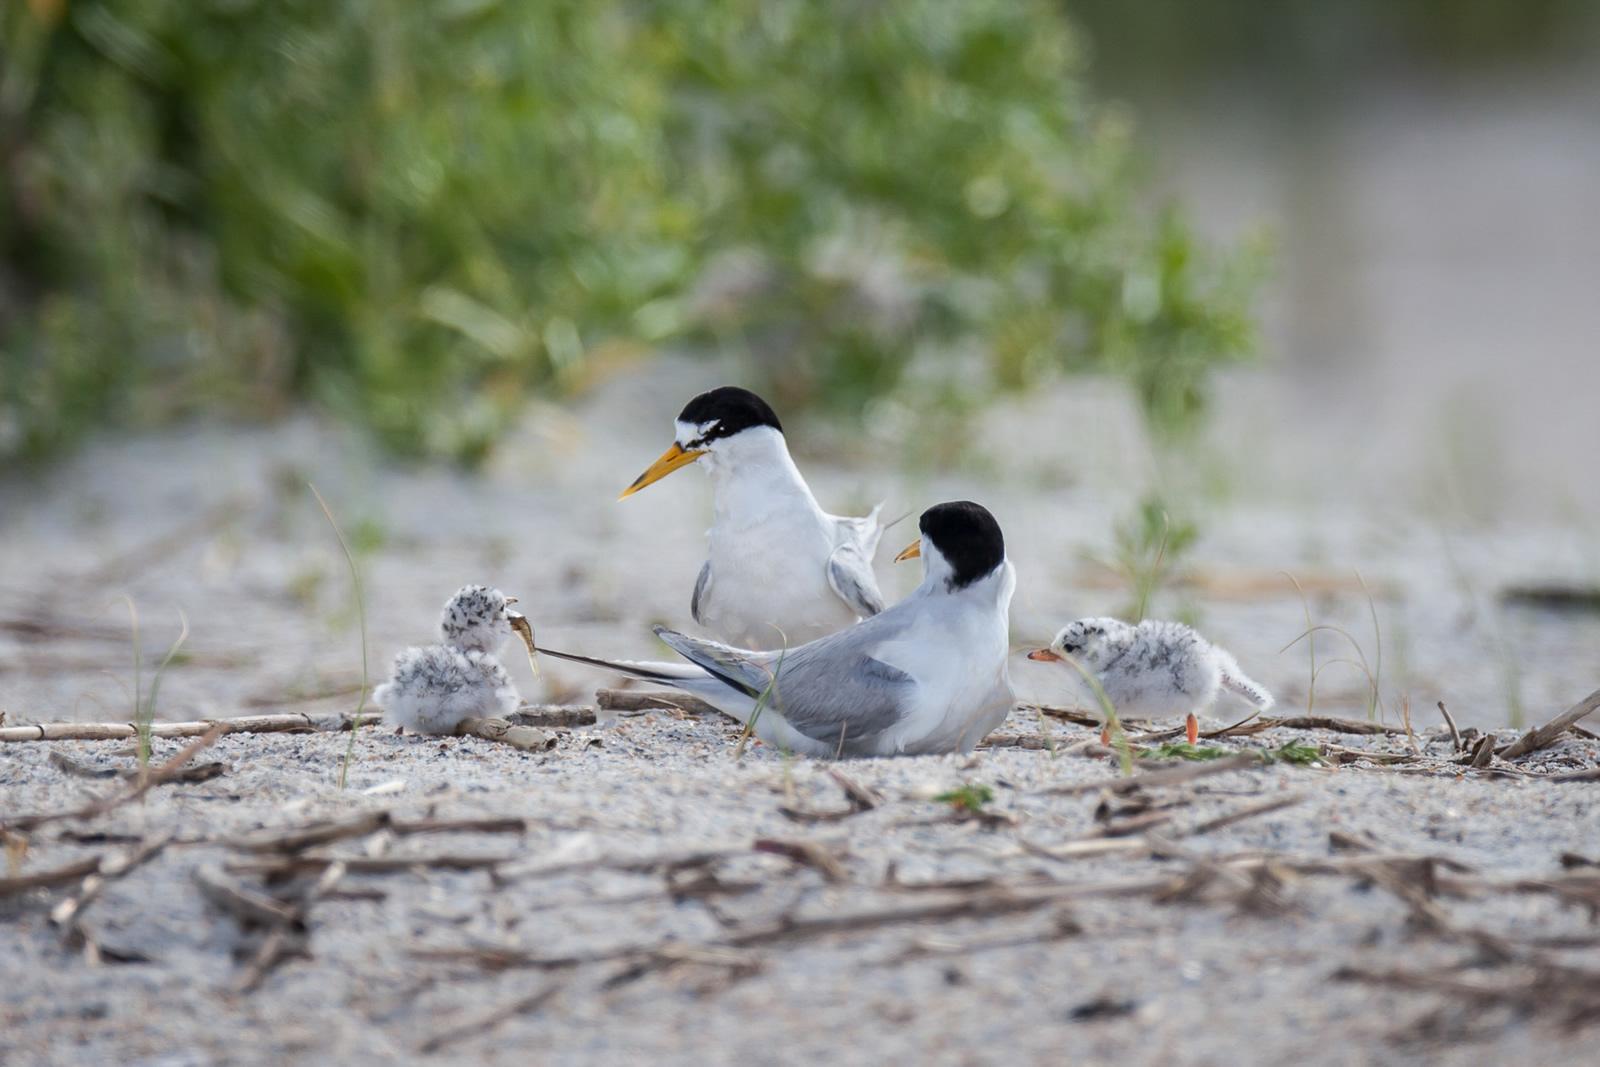 Ethan Slattery/Audubon Photography Awards